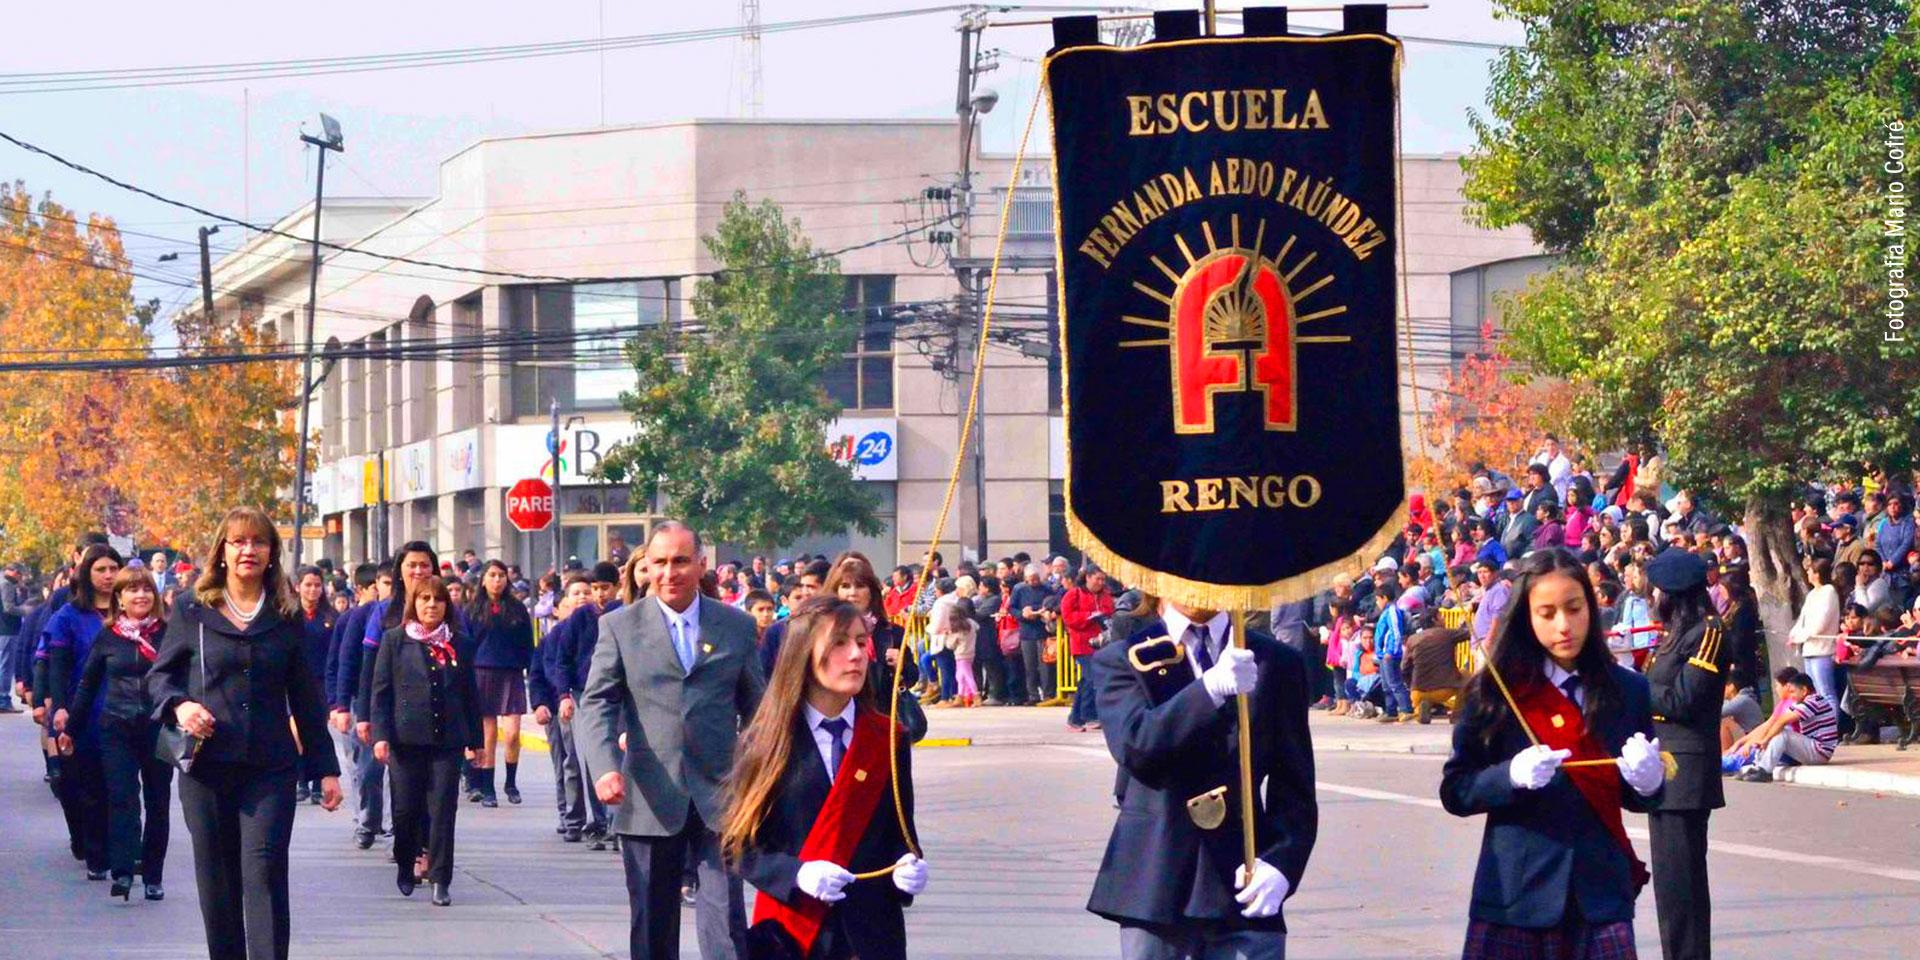 Estandarte escuela Fernanda Aedo Rengo